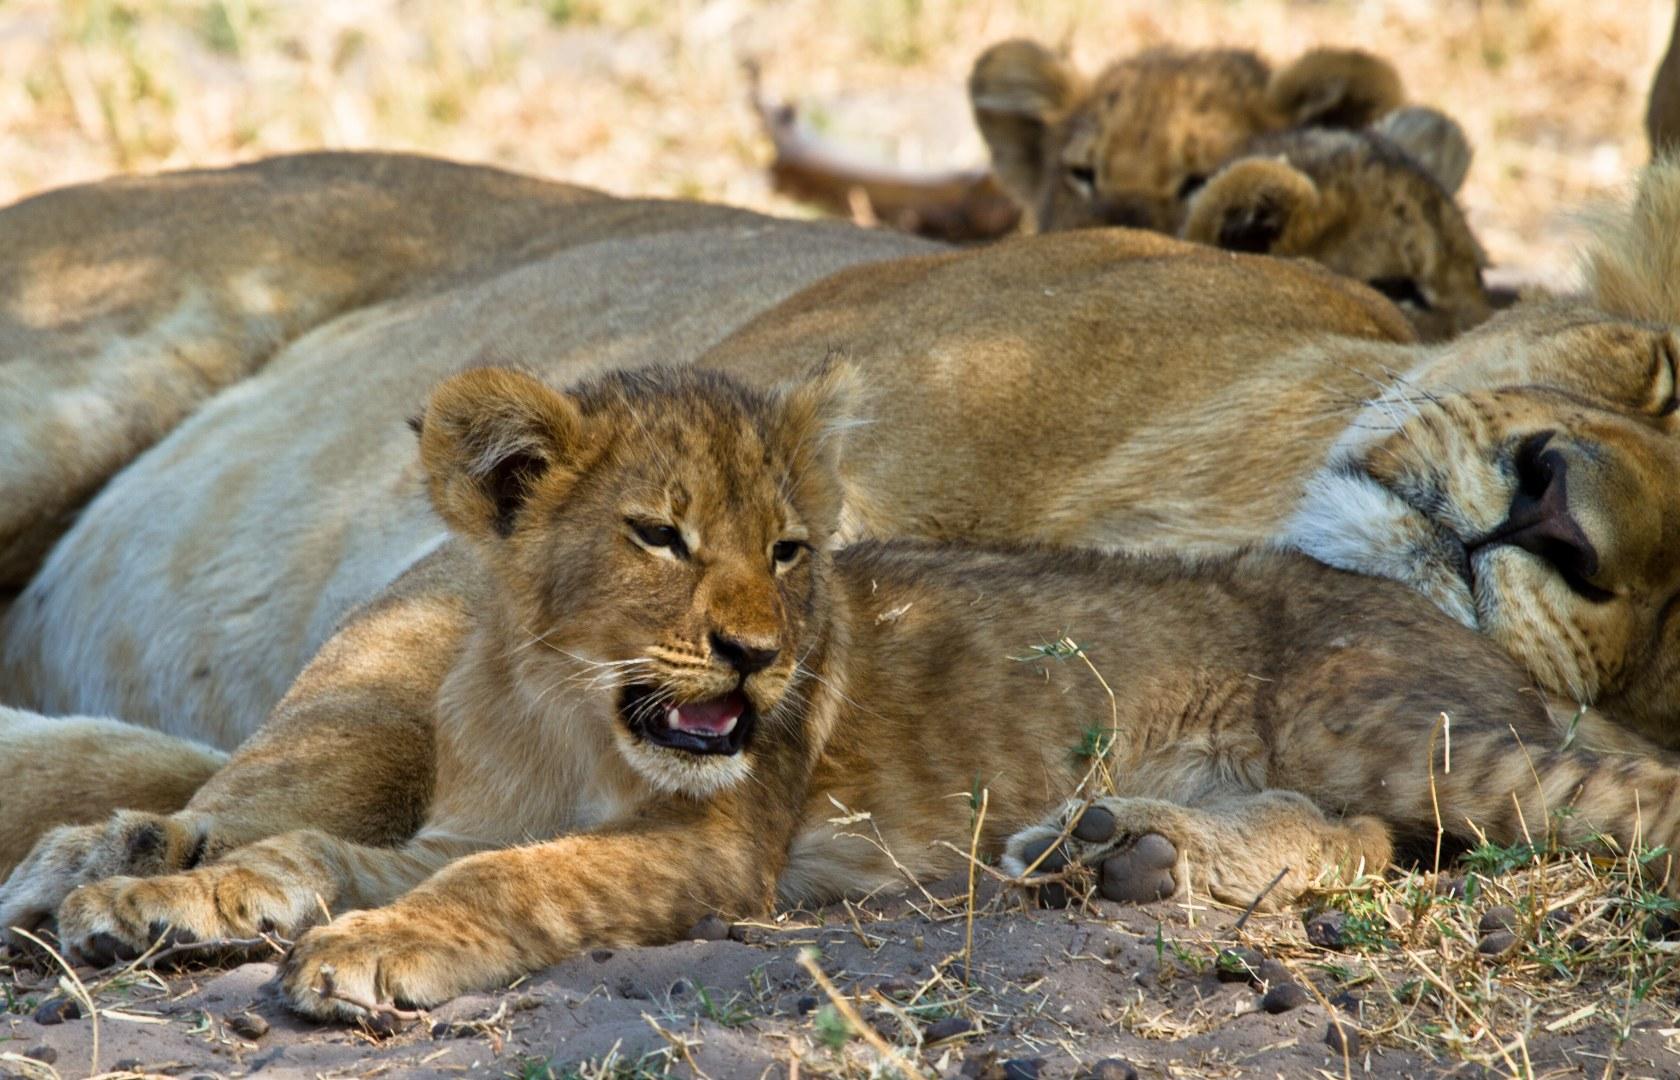 Lioness and cubs near Savuti, Botswana